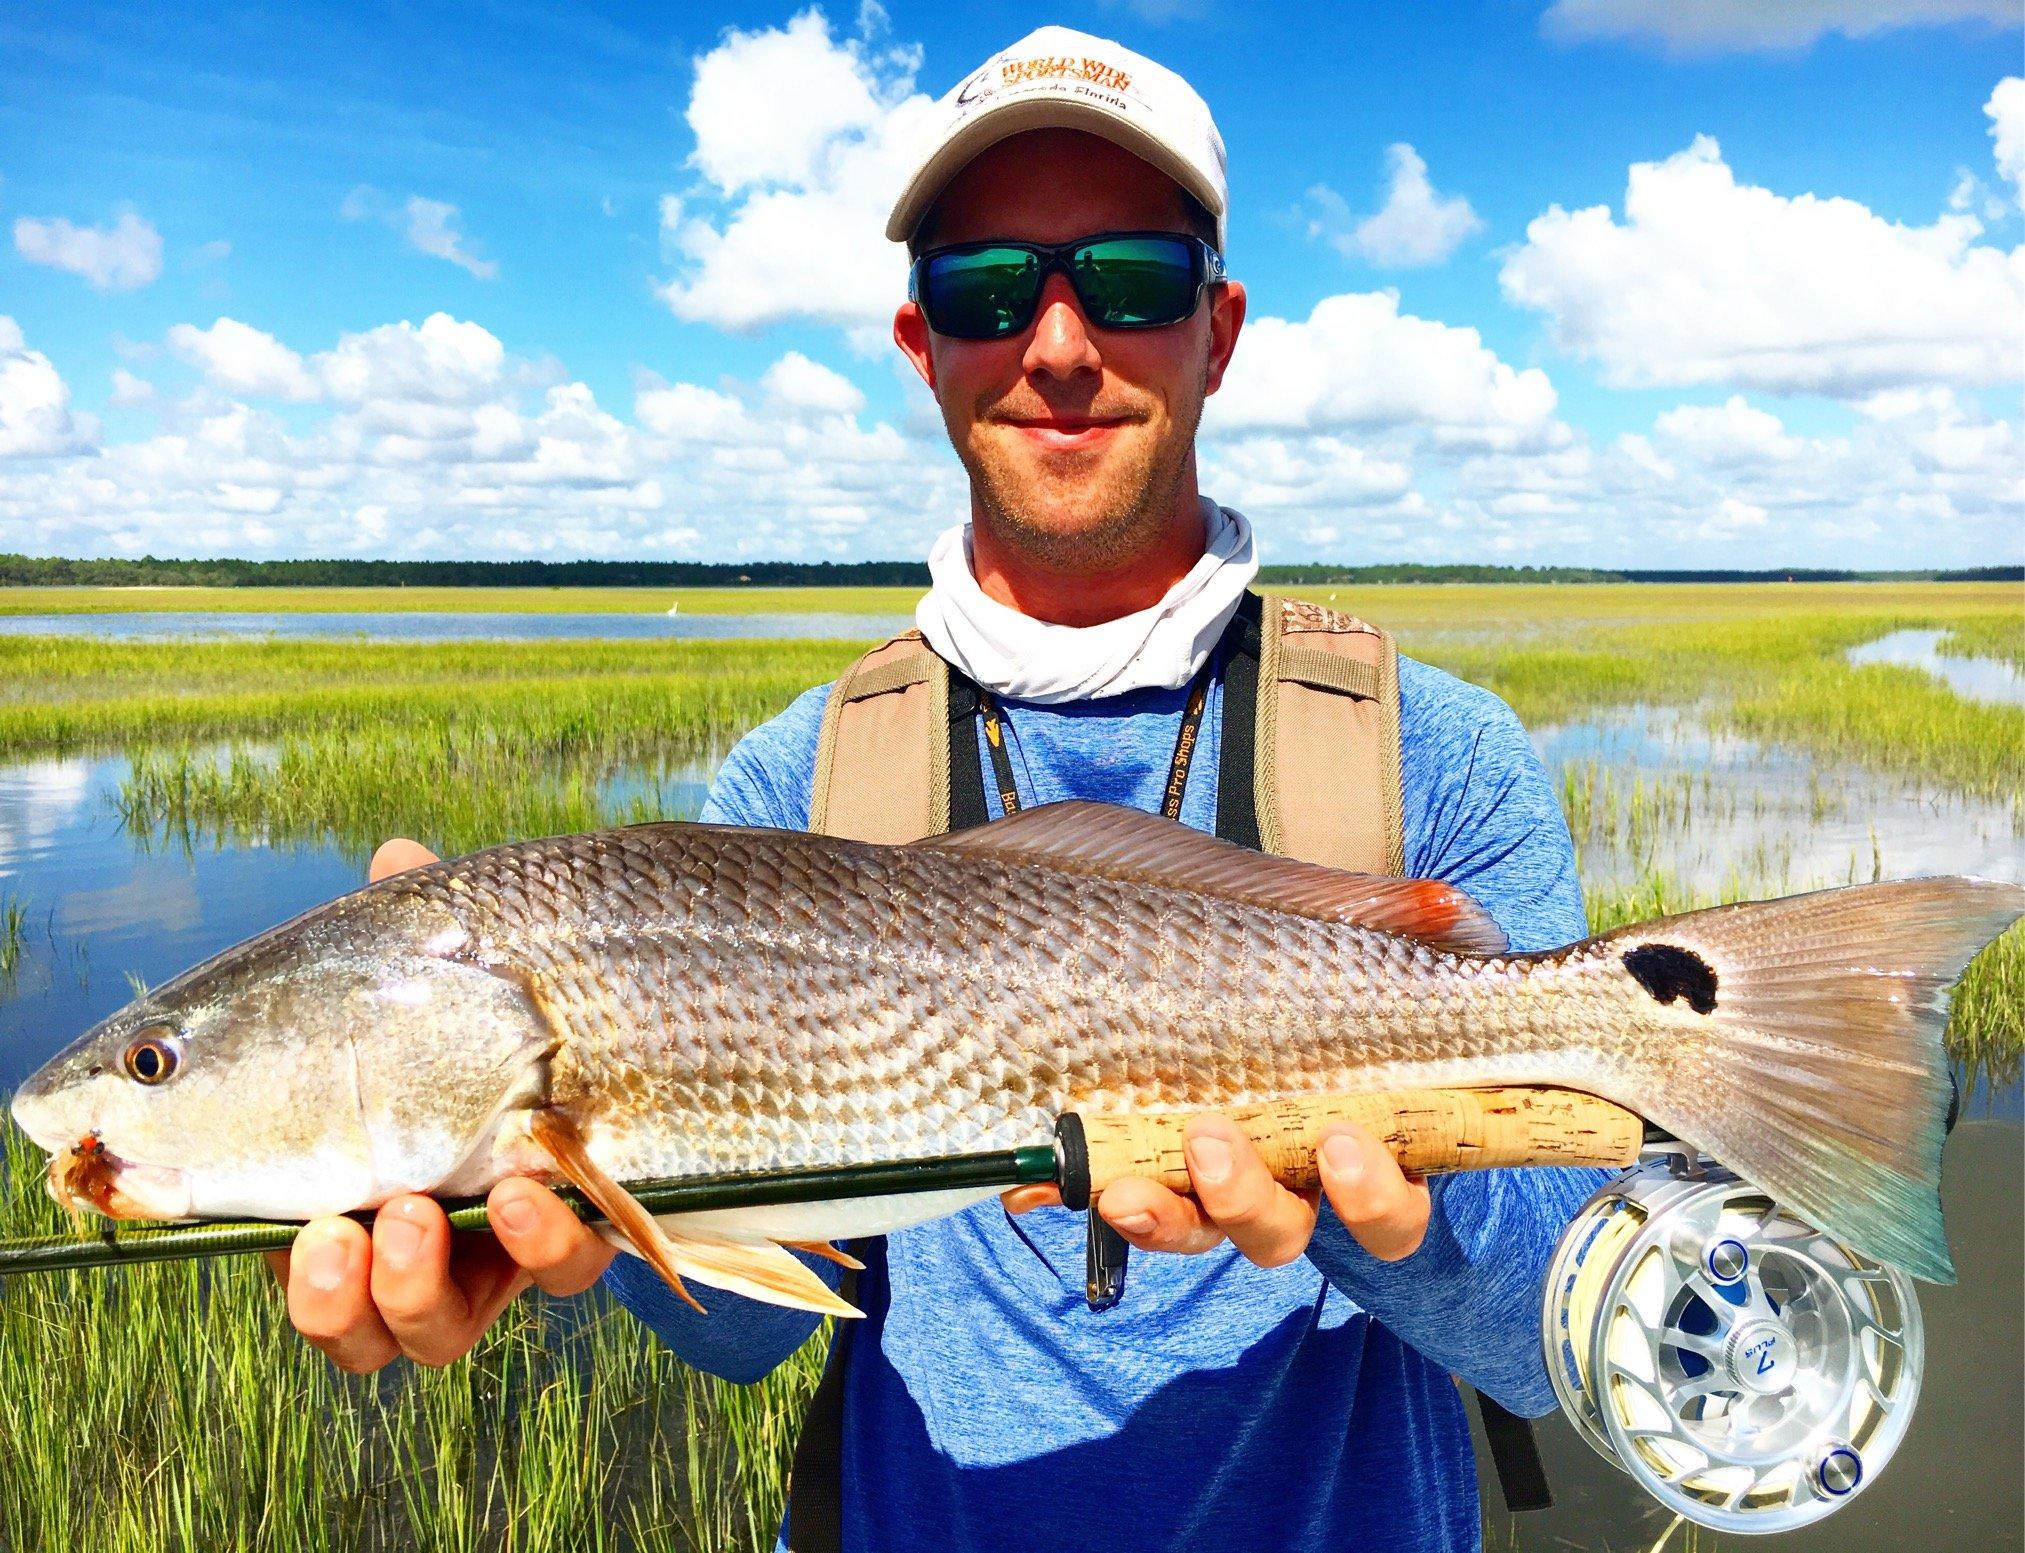 Jacksonville inshore fishing report for the week of 9 12 for Fishing report jacksonville fl